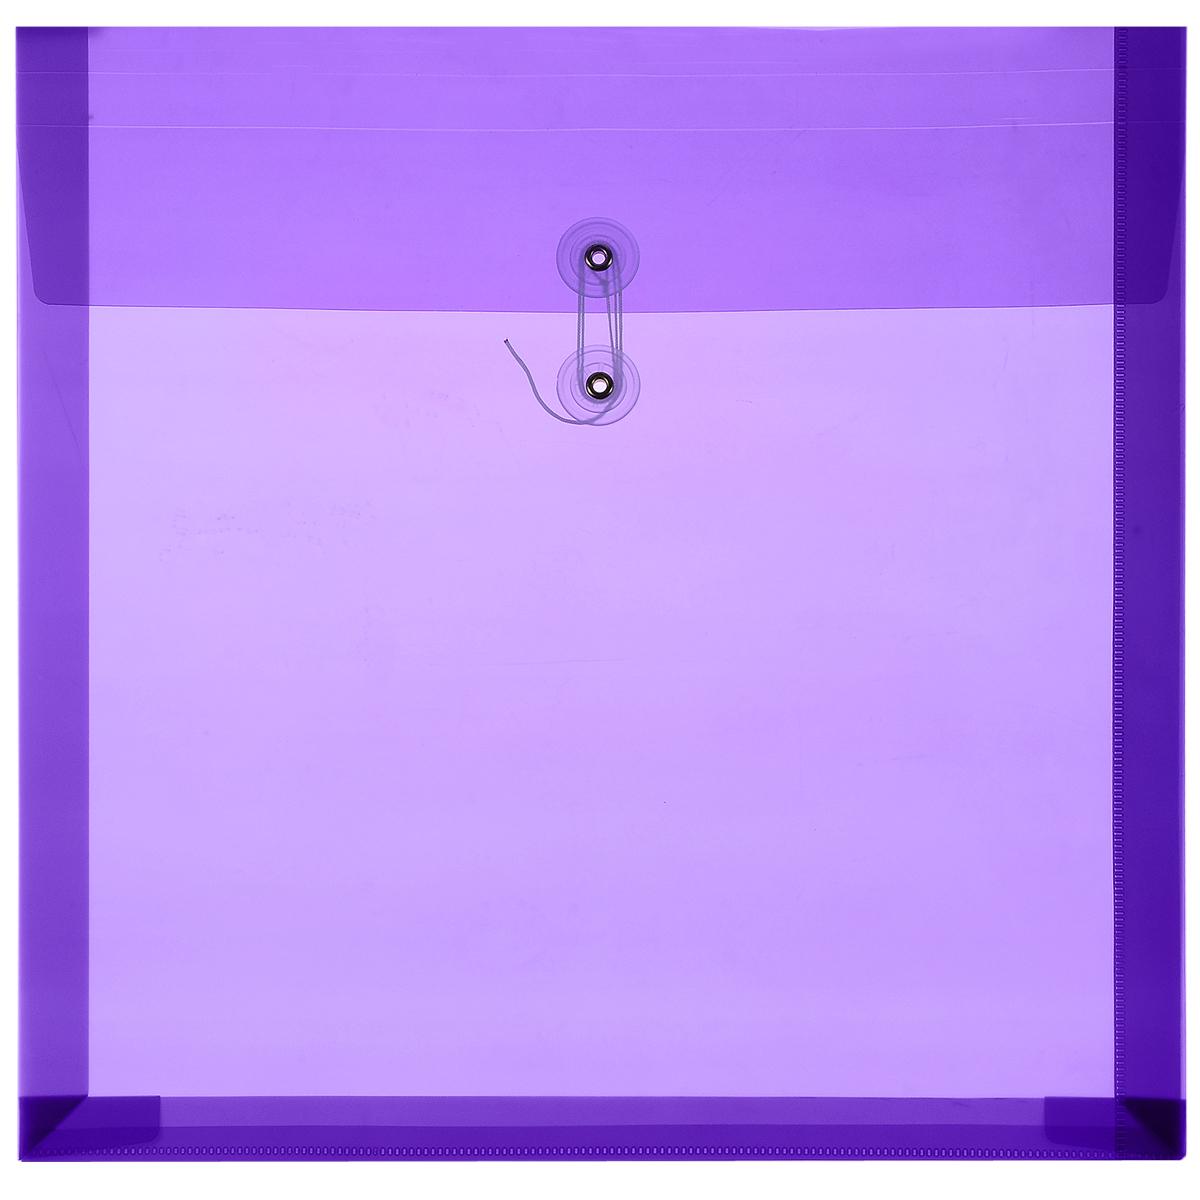 Папка для скрапбумаги Craft Premier, цвет: фиолетовый, 32 х 32 смCN2025-23-PПапка для скрапбумаги Craft Premier изготовлена из ПВХ без содержания кислот. Папка имеет удобный формат для хранения листовой бумаги для скрапбукинга, готовых работ, декоративных элементов. Вмещает 50 - 60 листов бумаги, в зависимости от ее плотности. Для стопки бумаги до 4 см. Размер папки: 32 см х 32 см.